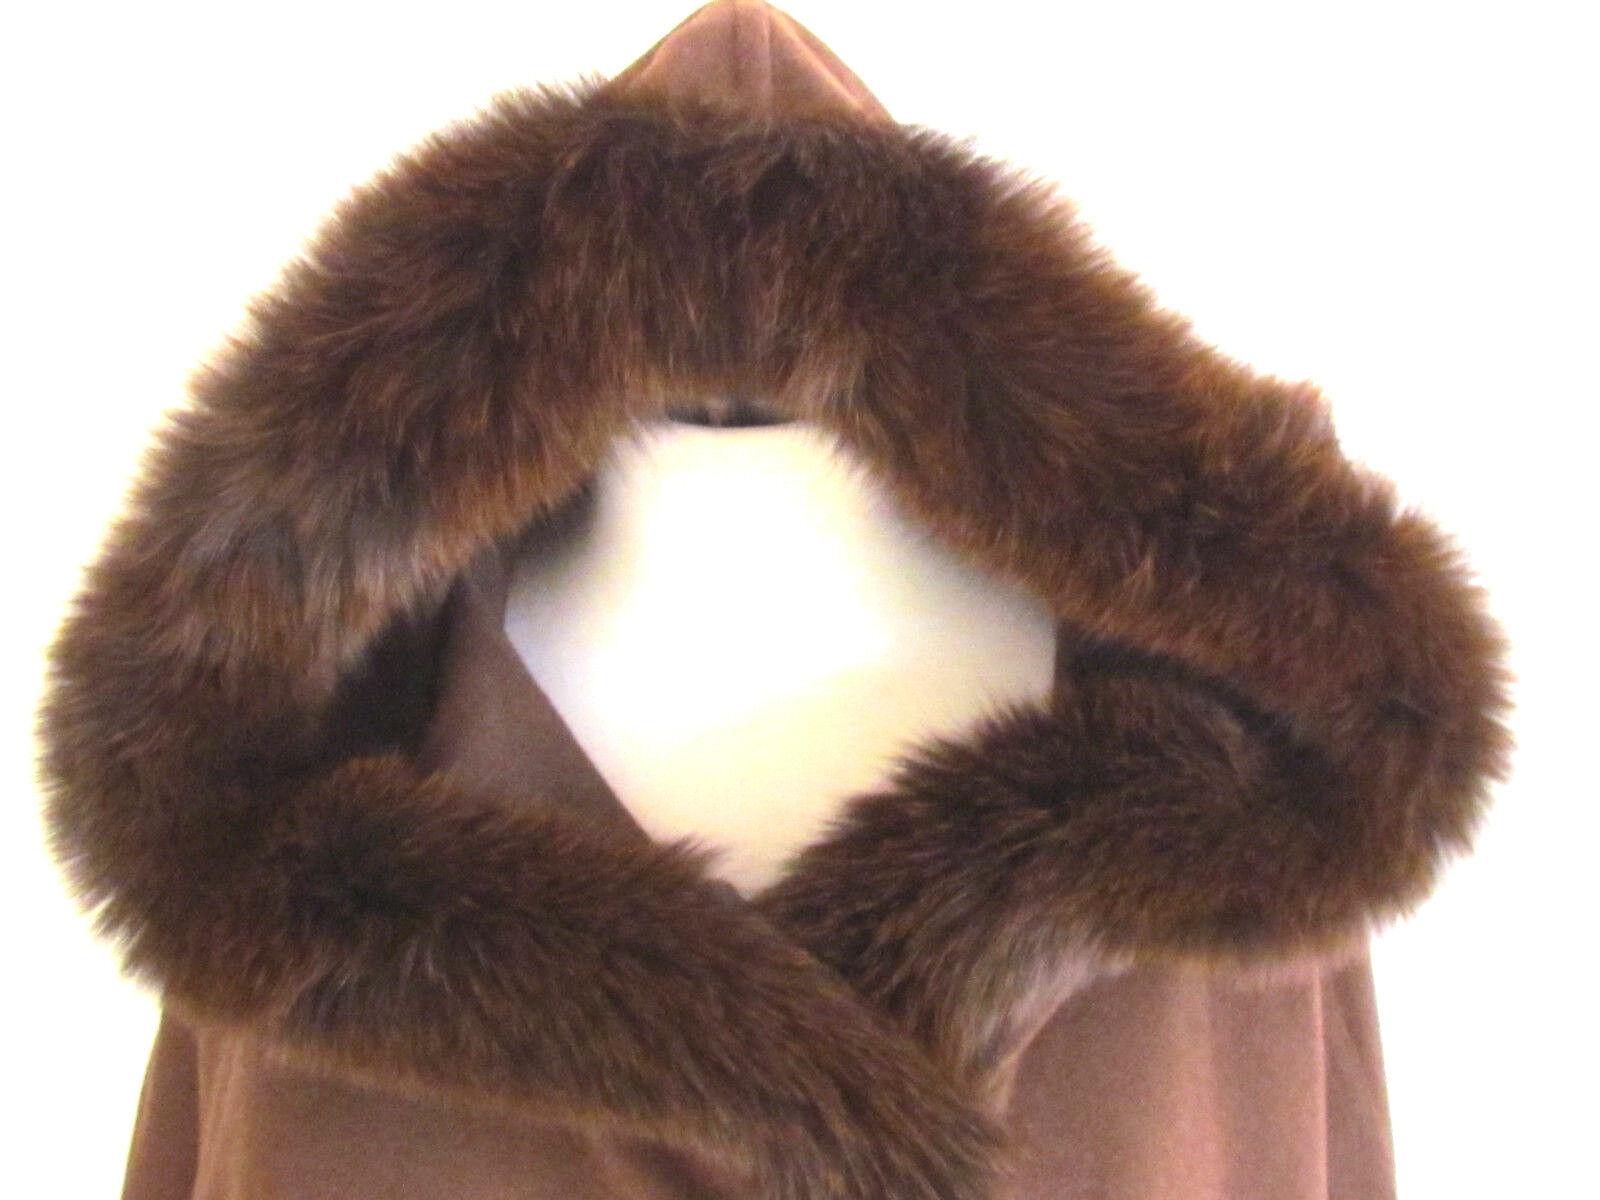 Damen Umhänge Tücher Fox Pelz Designer Schokobraun Wollmischung mit Kapuze